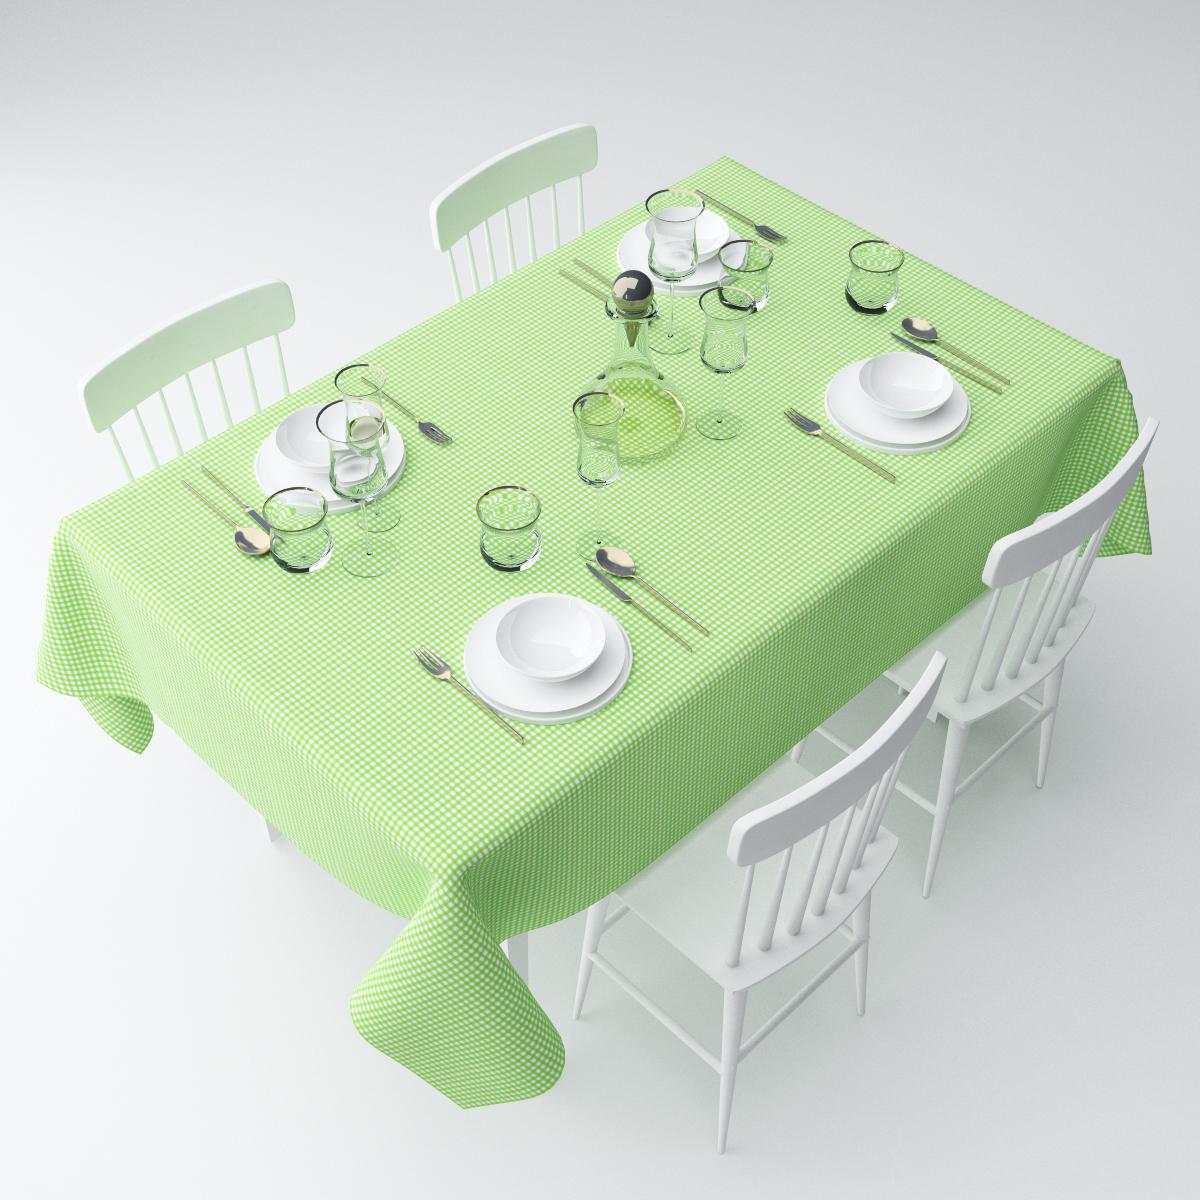 Скатерть Сирень Зеленая клетка, прямоугольная, 145 х 220 см